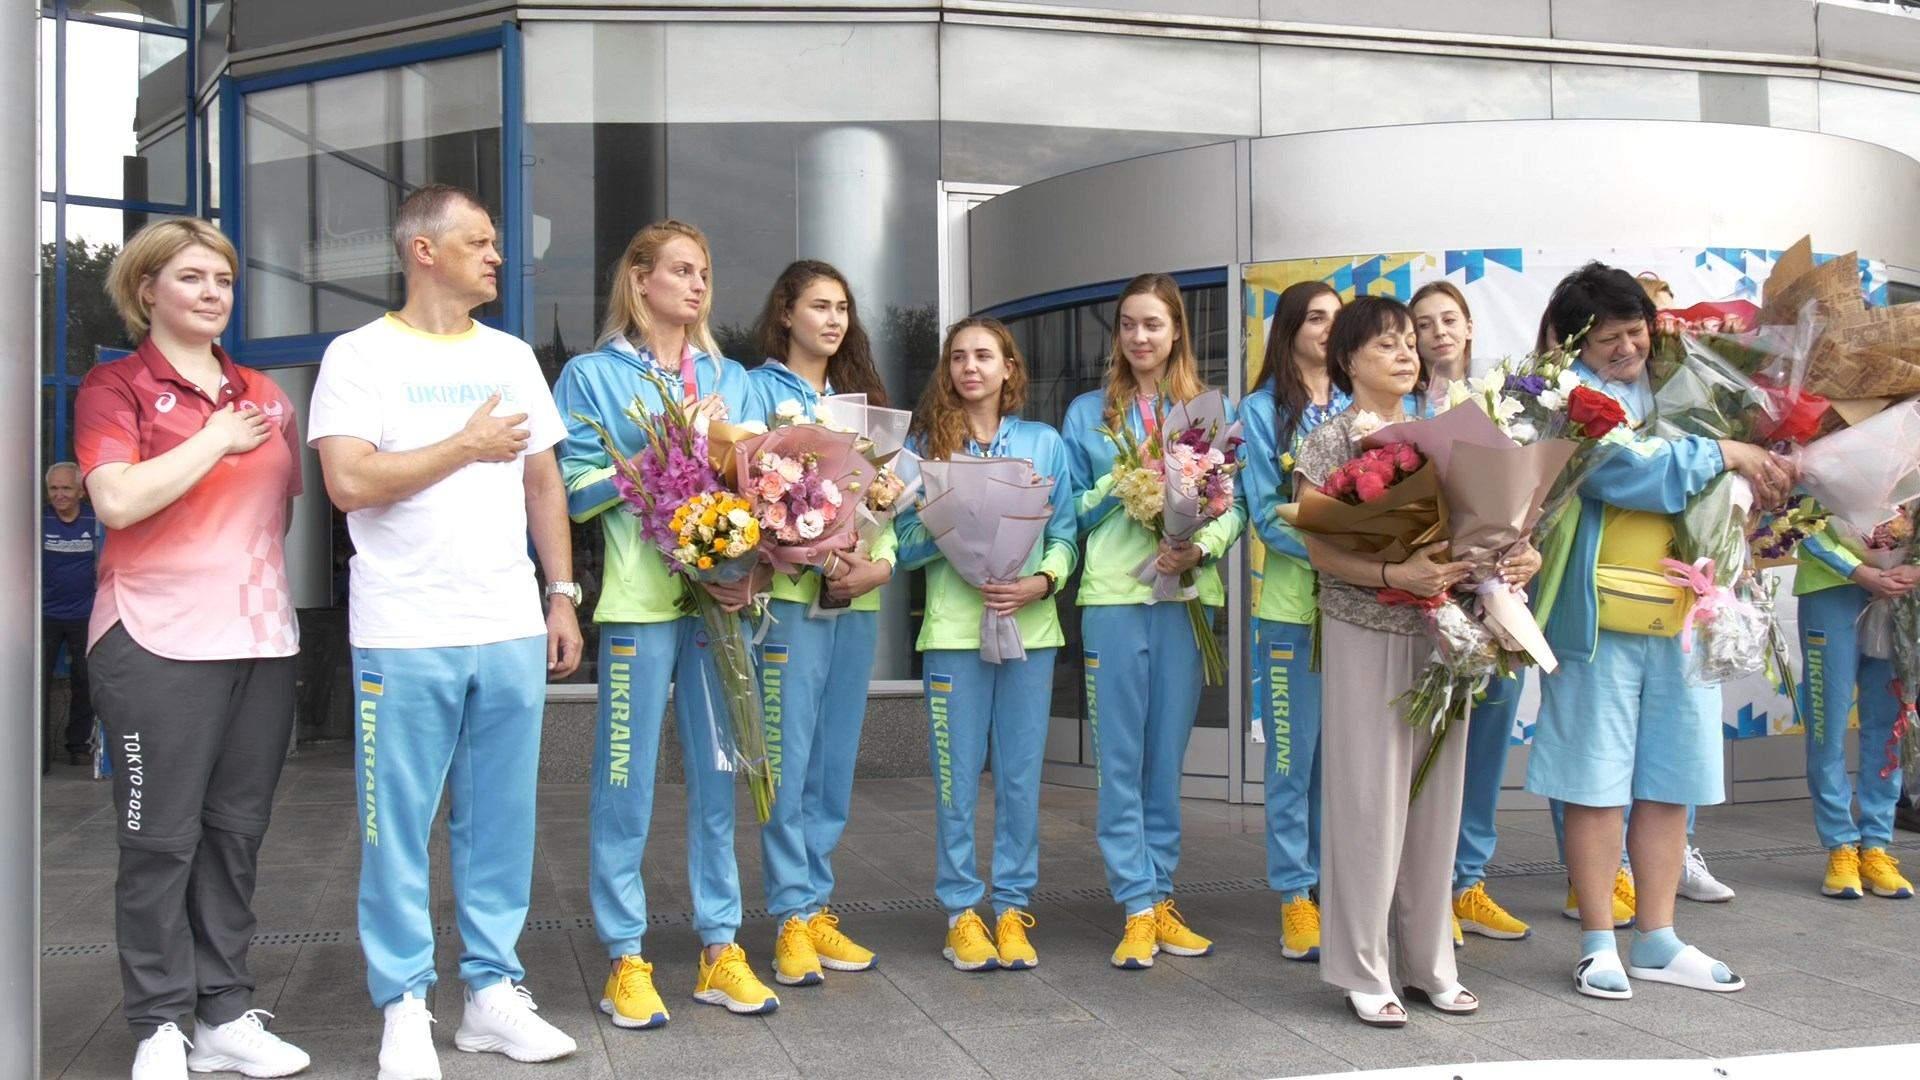 збірна україни з синхронного плавання